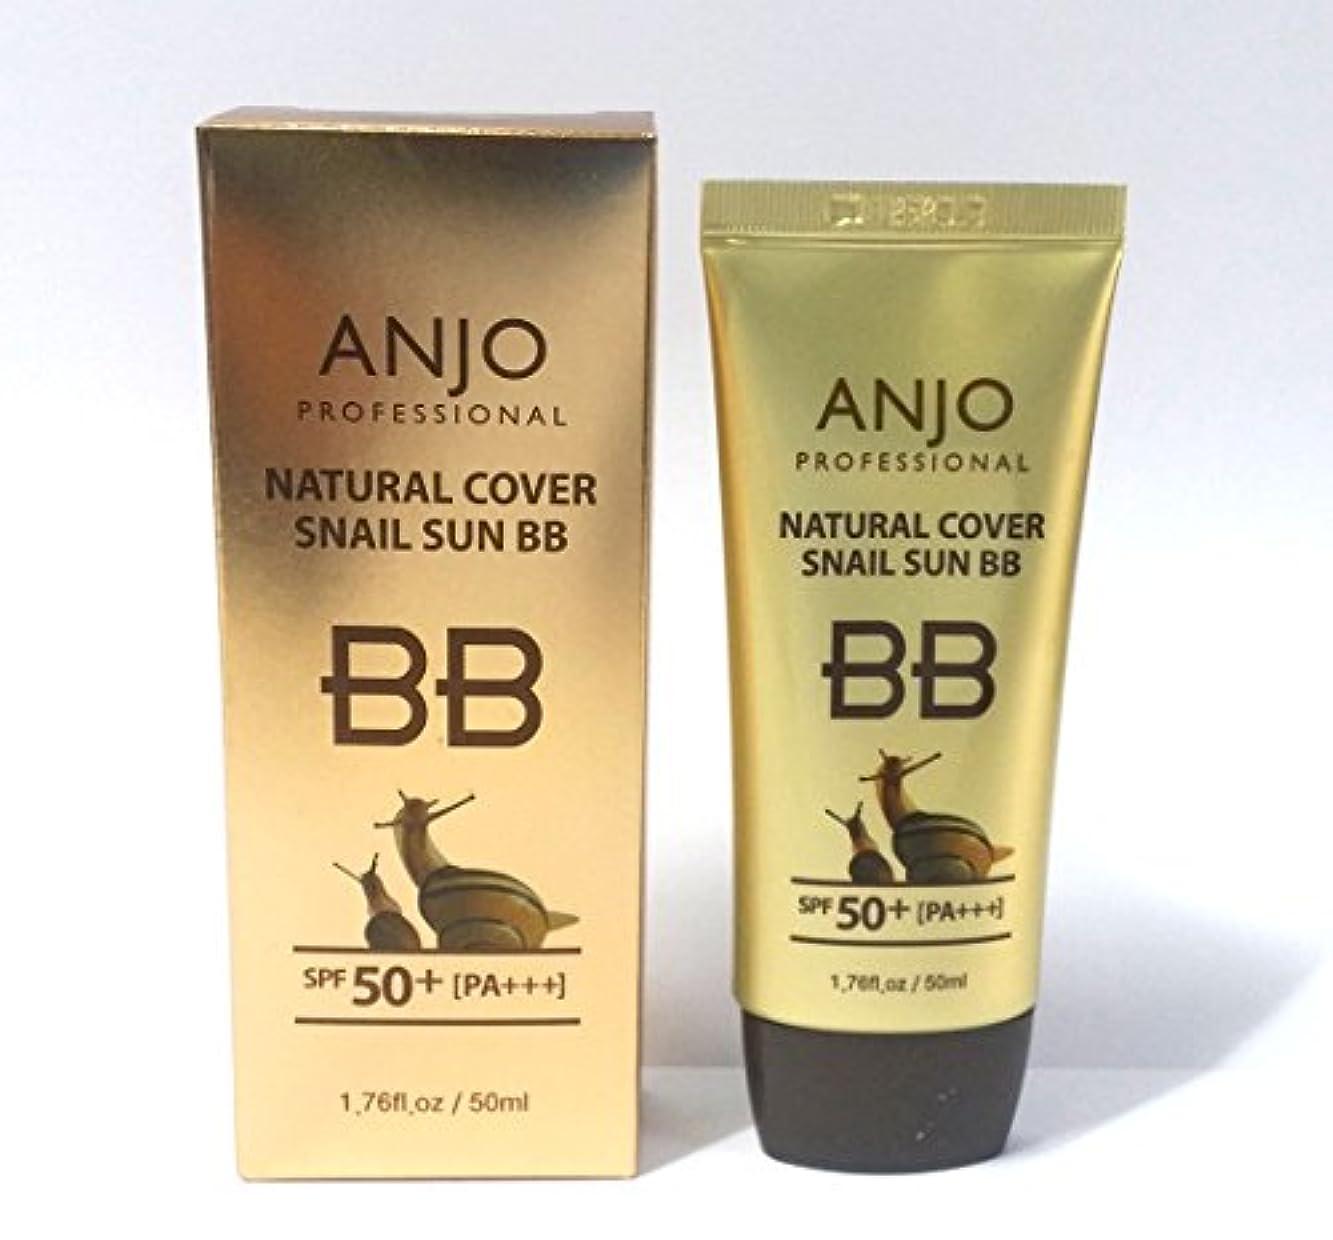 きらめくオーディション増幅する[ANJO] ナチュラルカバーカタツムリサンBBクリームSPF 50 + PA +++ 50ml X 3EA /メイクアップベース/カタツムリ粘液 / Natural Cover Snail Sun BB Cream SPF...